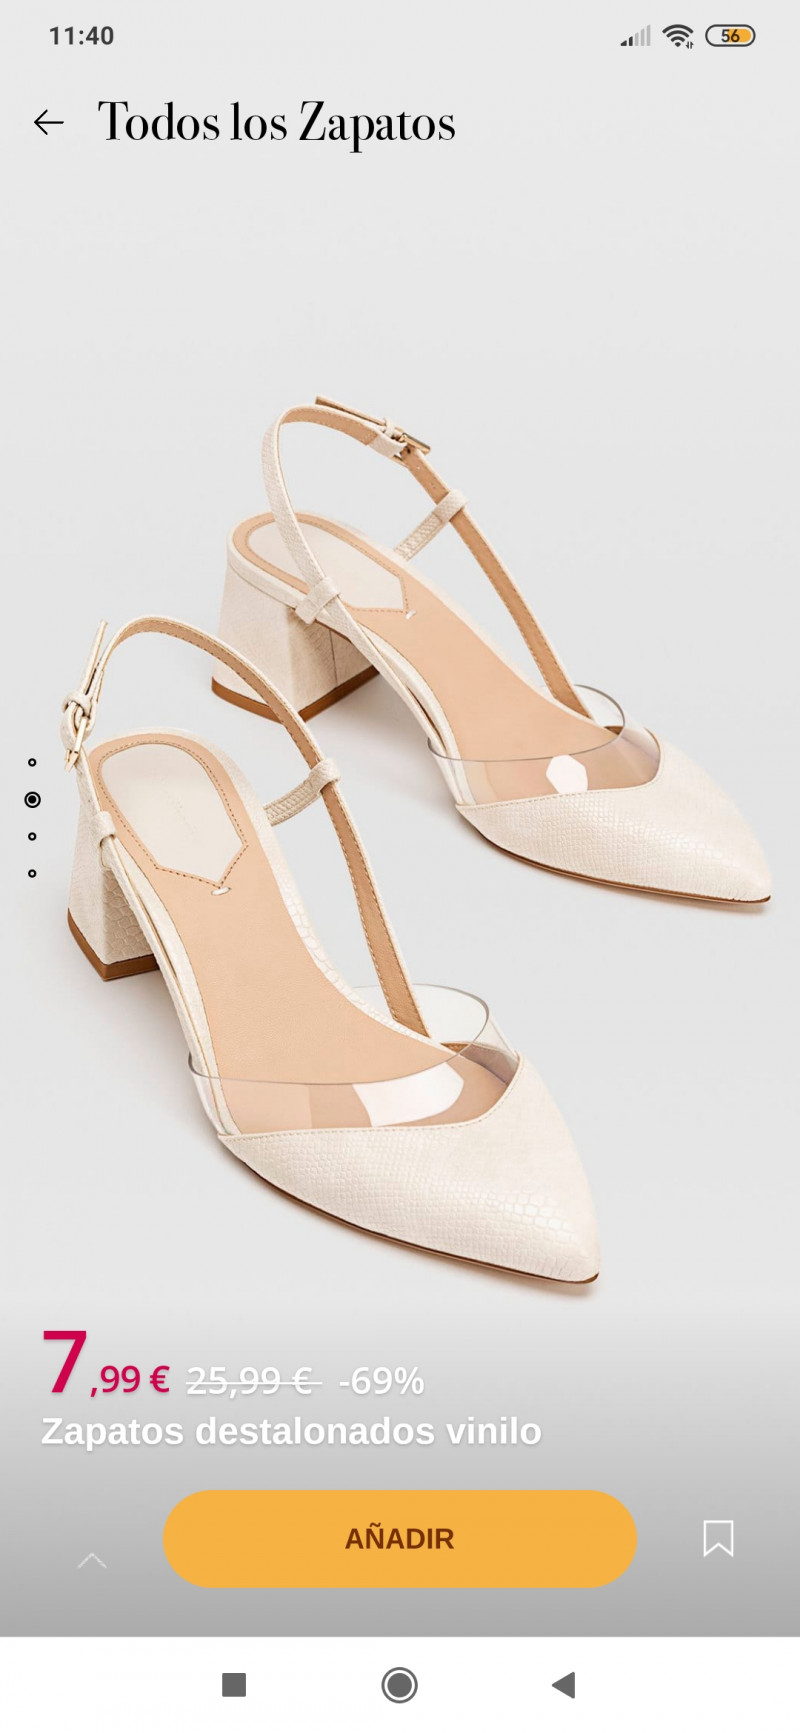 Zapatos destalonados